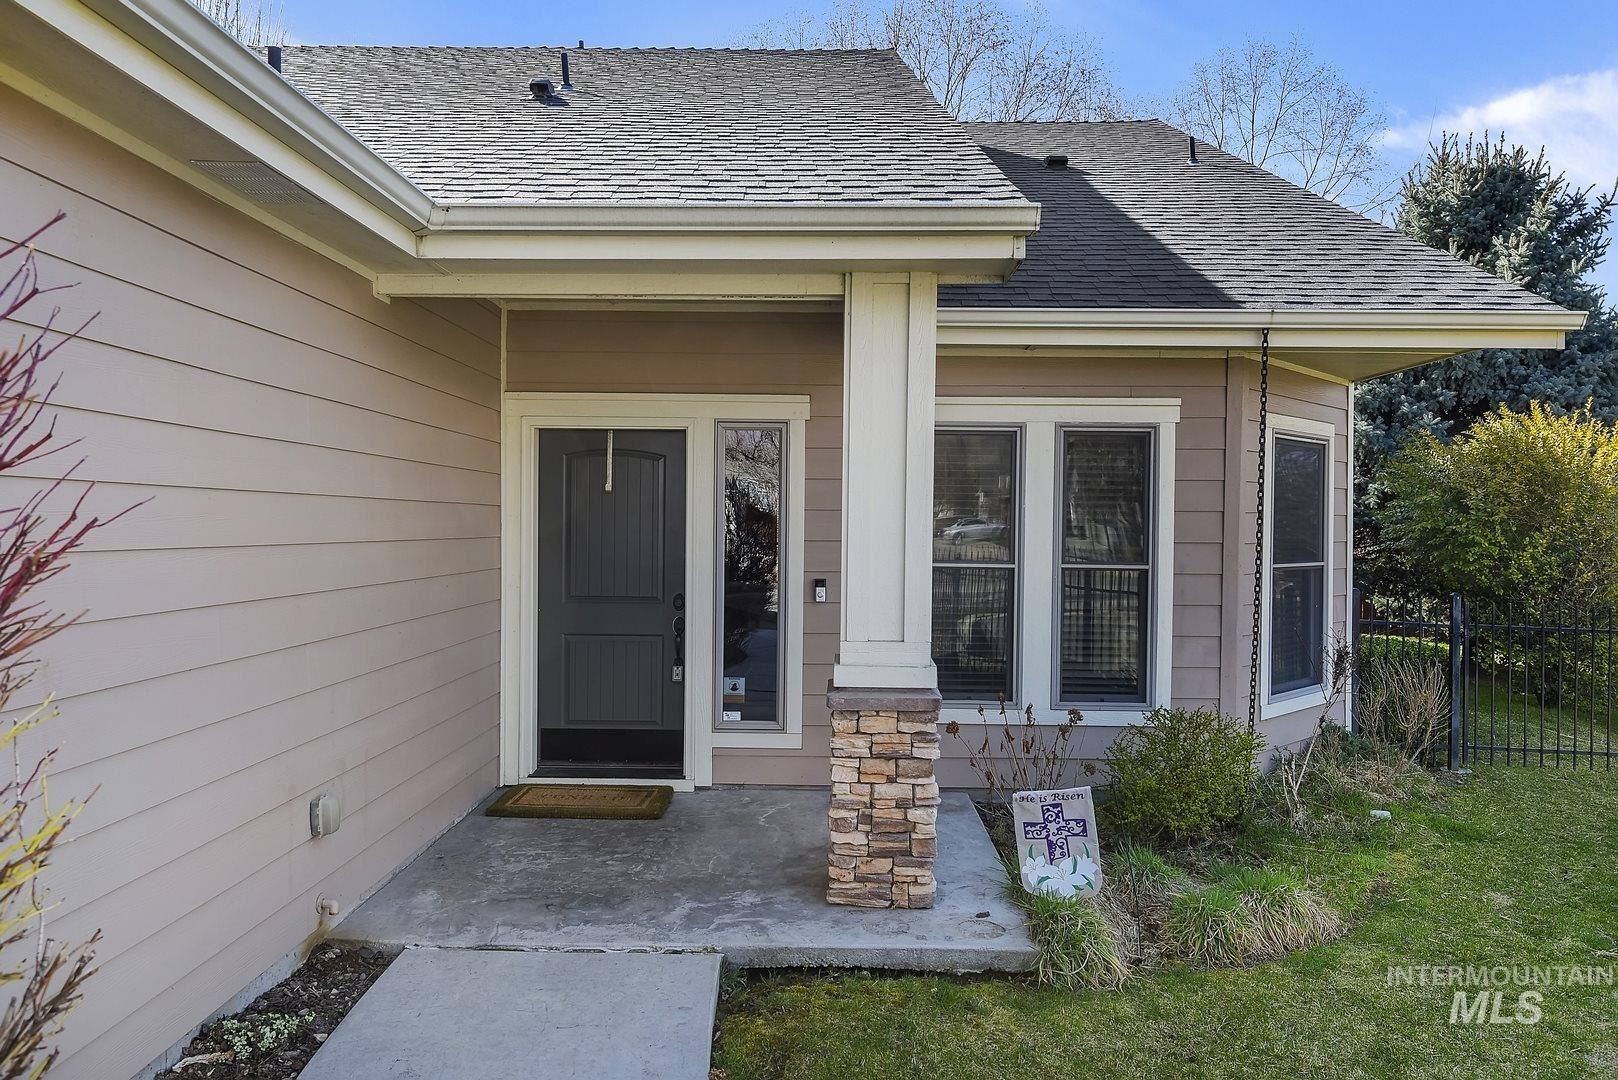 Photo of 4531 N Mackenzie Lane, Boise, ID 83703 (MLS # 98798517)